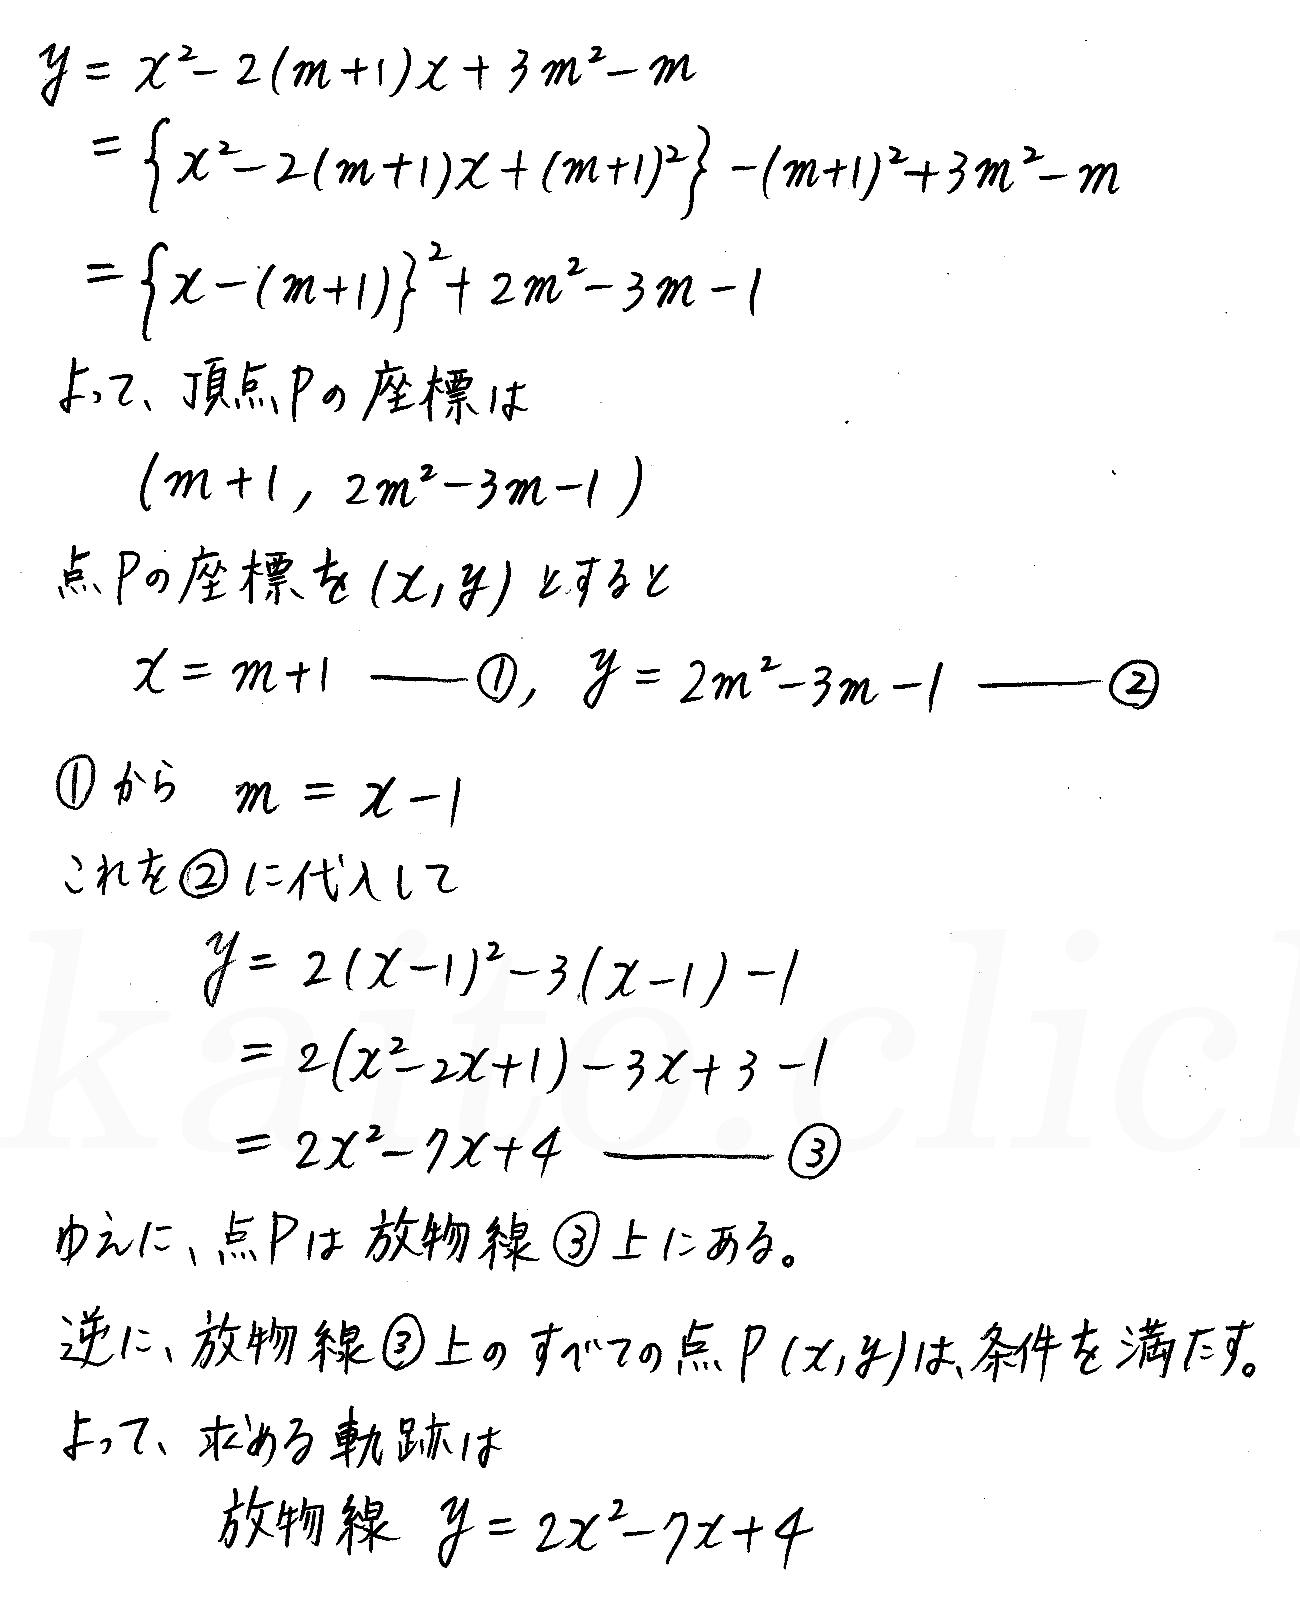 クリアー数学2-215解答